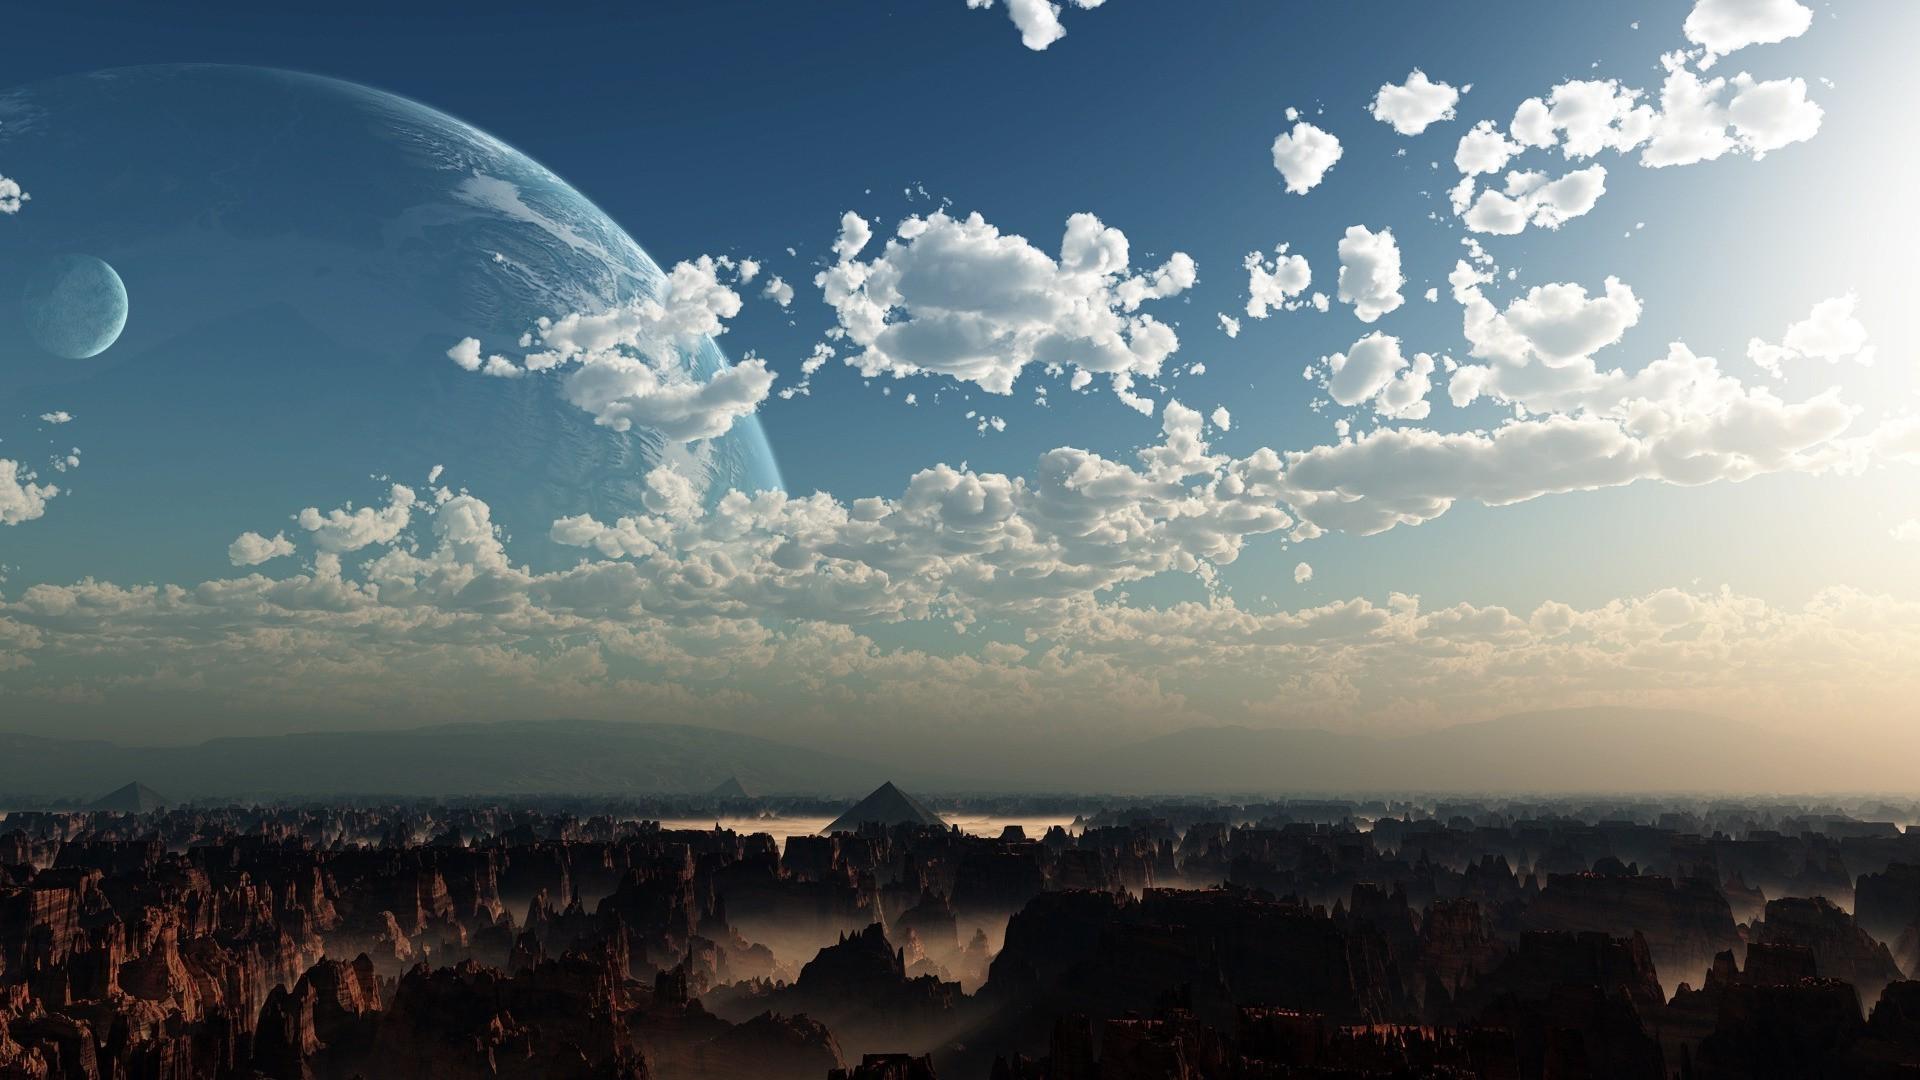 Alien Planet Landscapes Wallpaper 66 Images